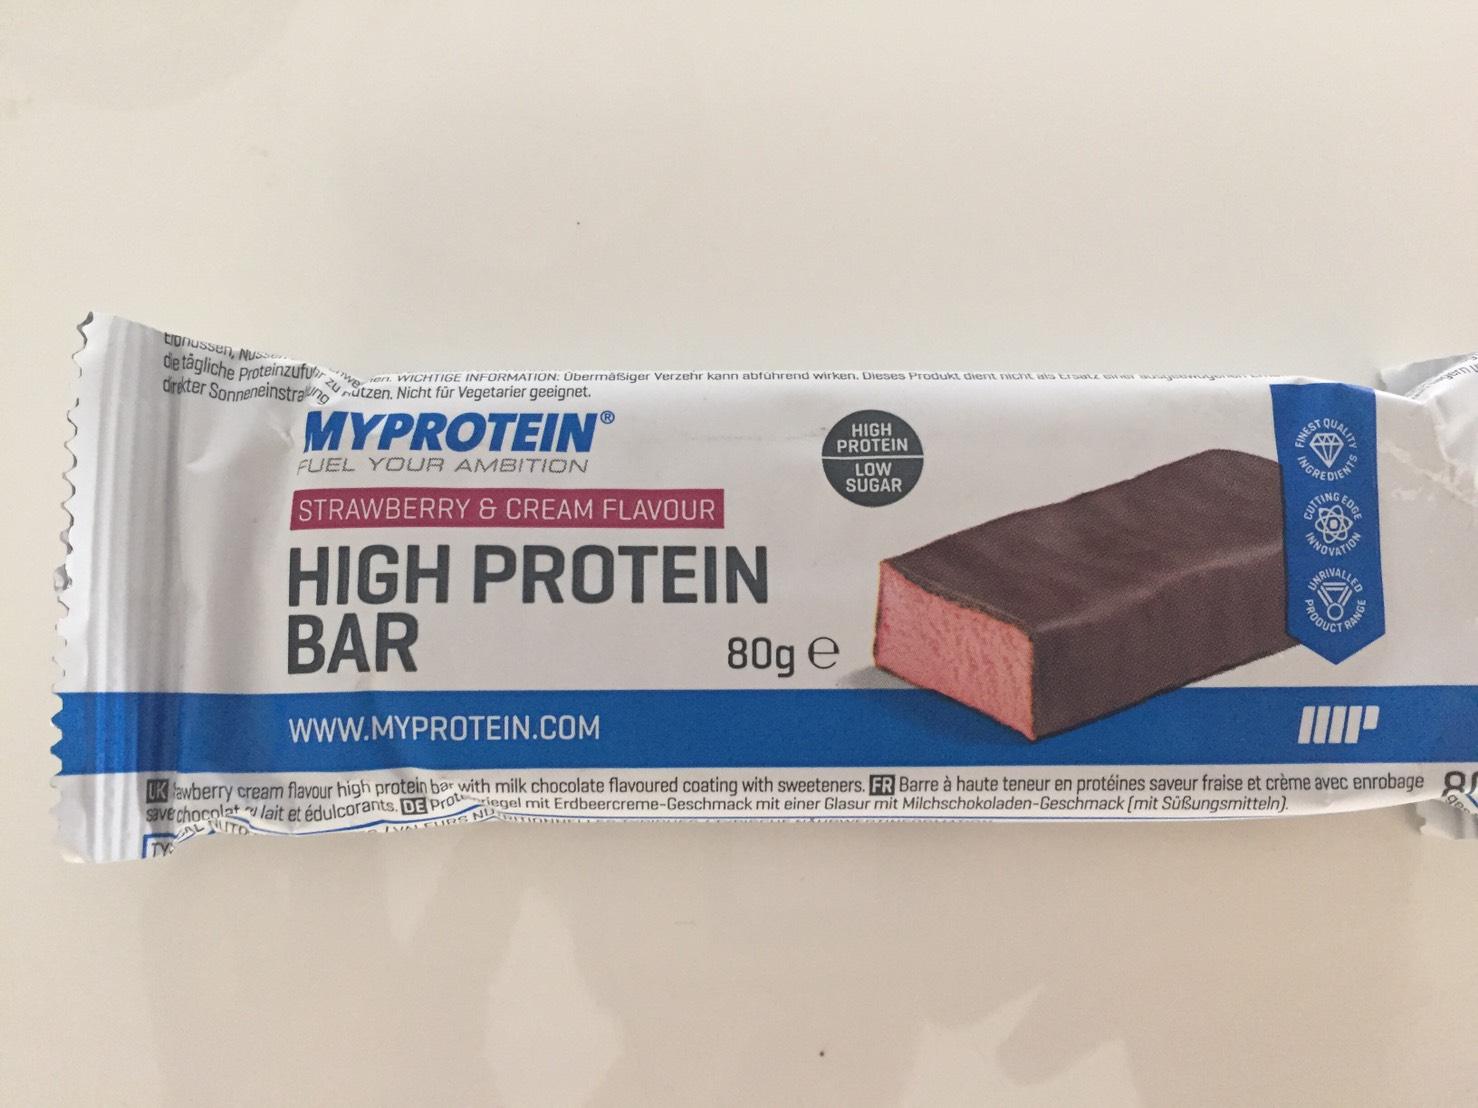 高タンパク質バー(High Protein Bar)「STRAWBERRY&CREAM FLAVOUR(ストロベリー&クリーム味)」の成分表